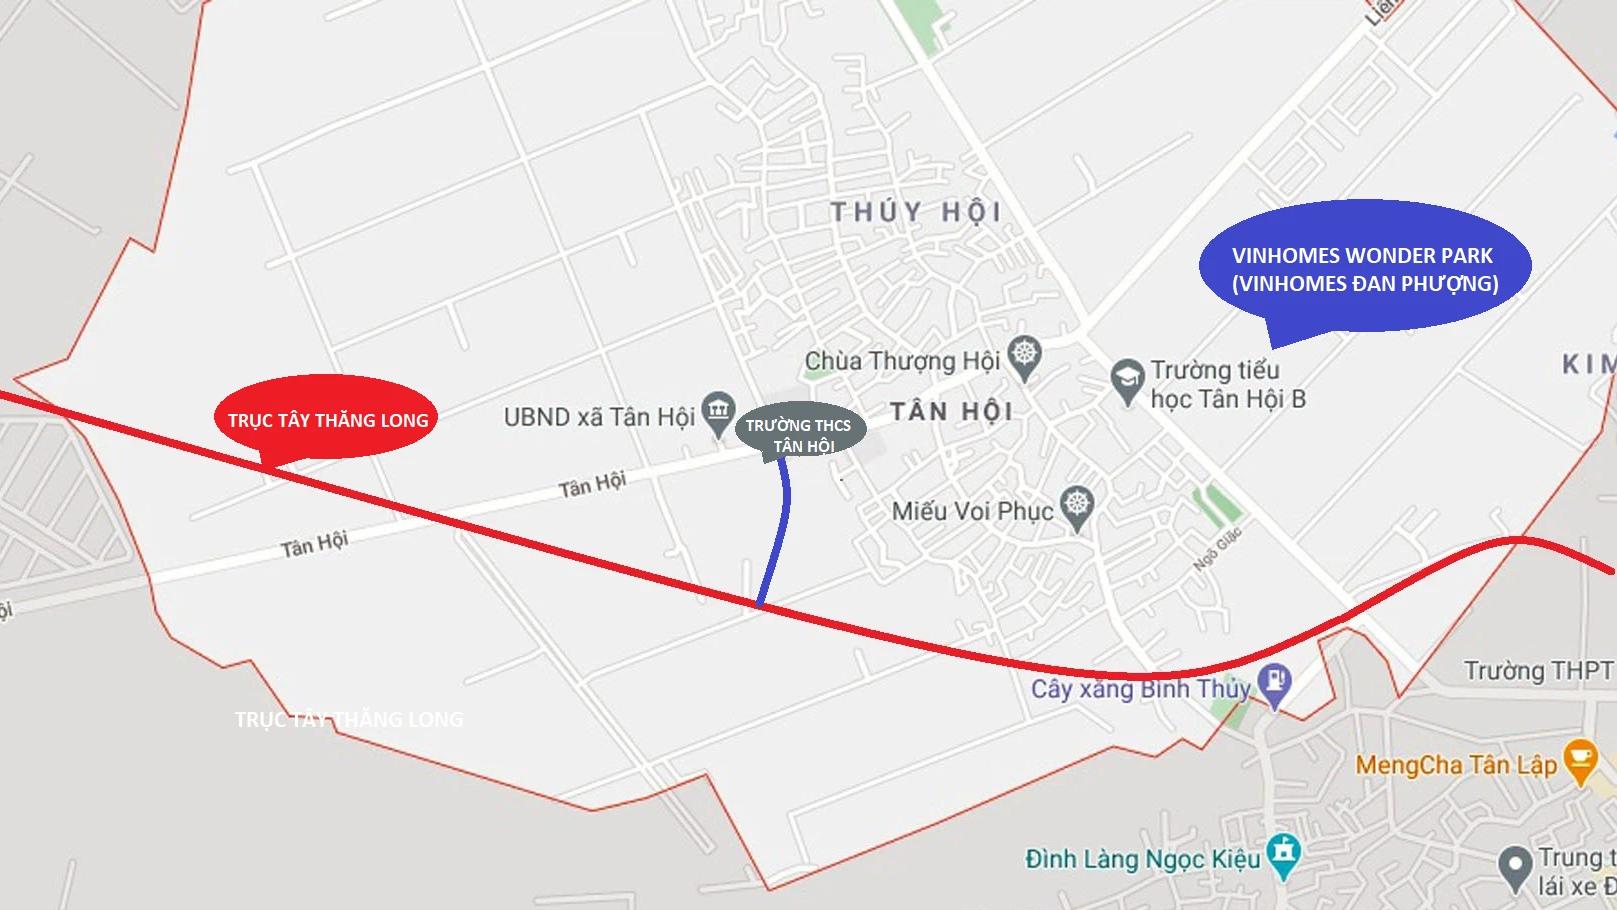 Hà Nội duyệt chỉ giới tuyến đường gần Vinhomes Đan Phượng - Ảnh 1.